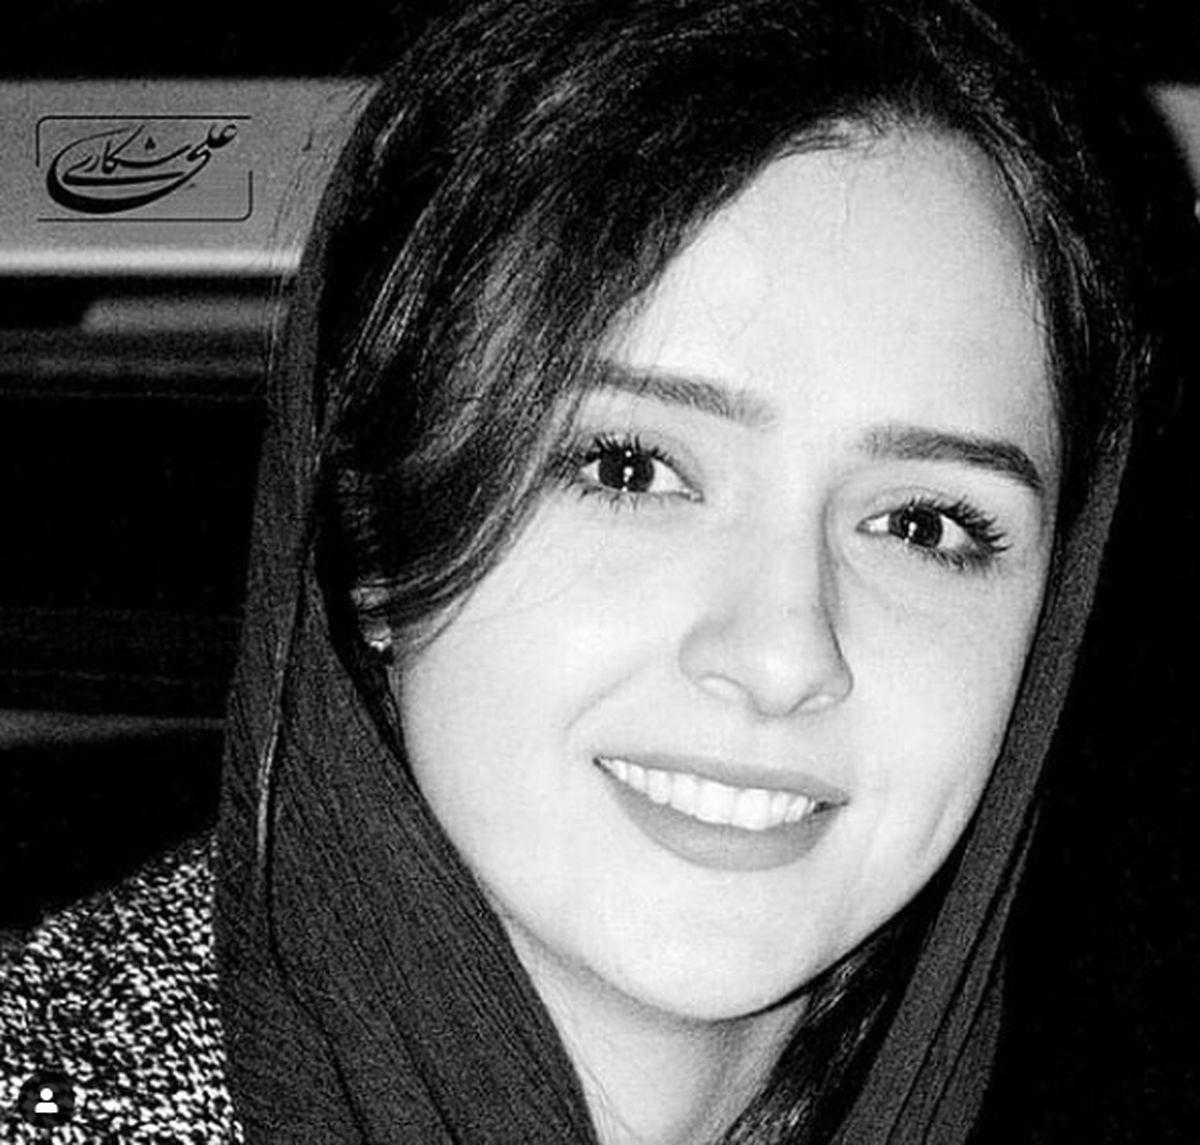 رونمایی از چهره متفاوت ترانه علیدوستی در قطر+ تصاویر